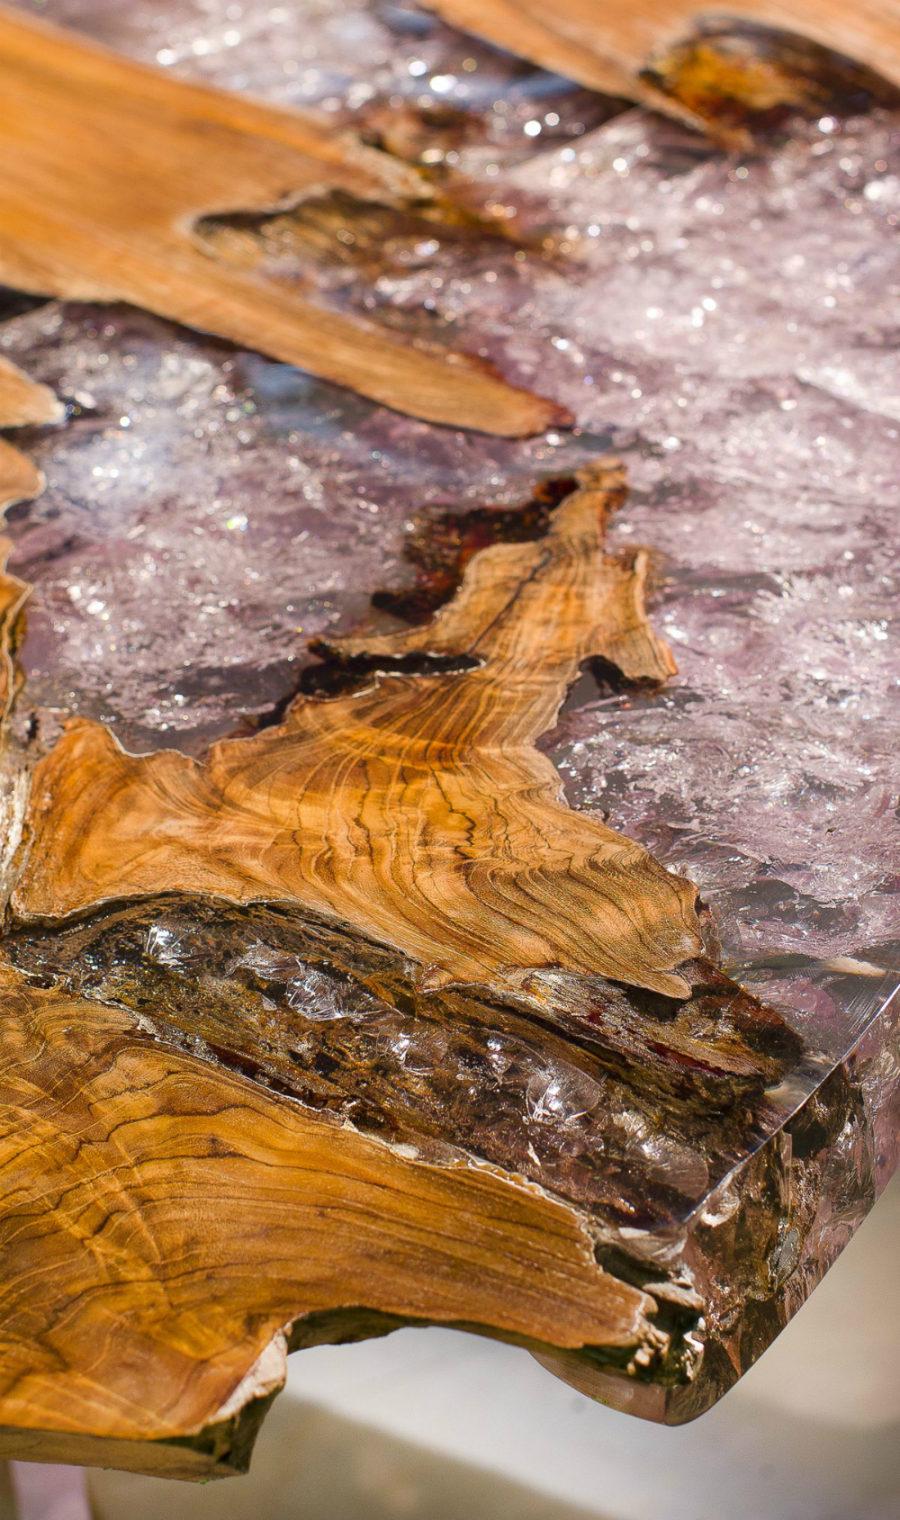 Элегантный дизайн кухонной столешницы для острова - обработанная древесина